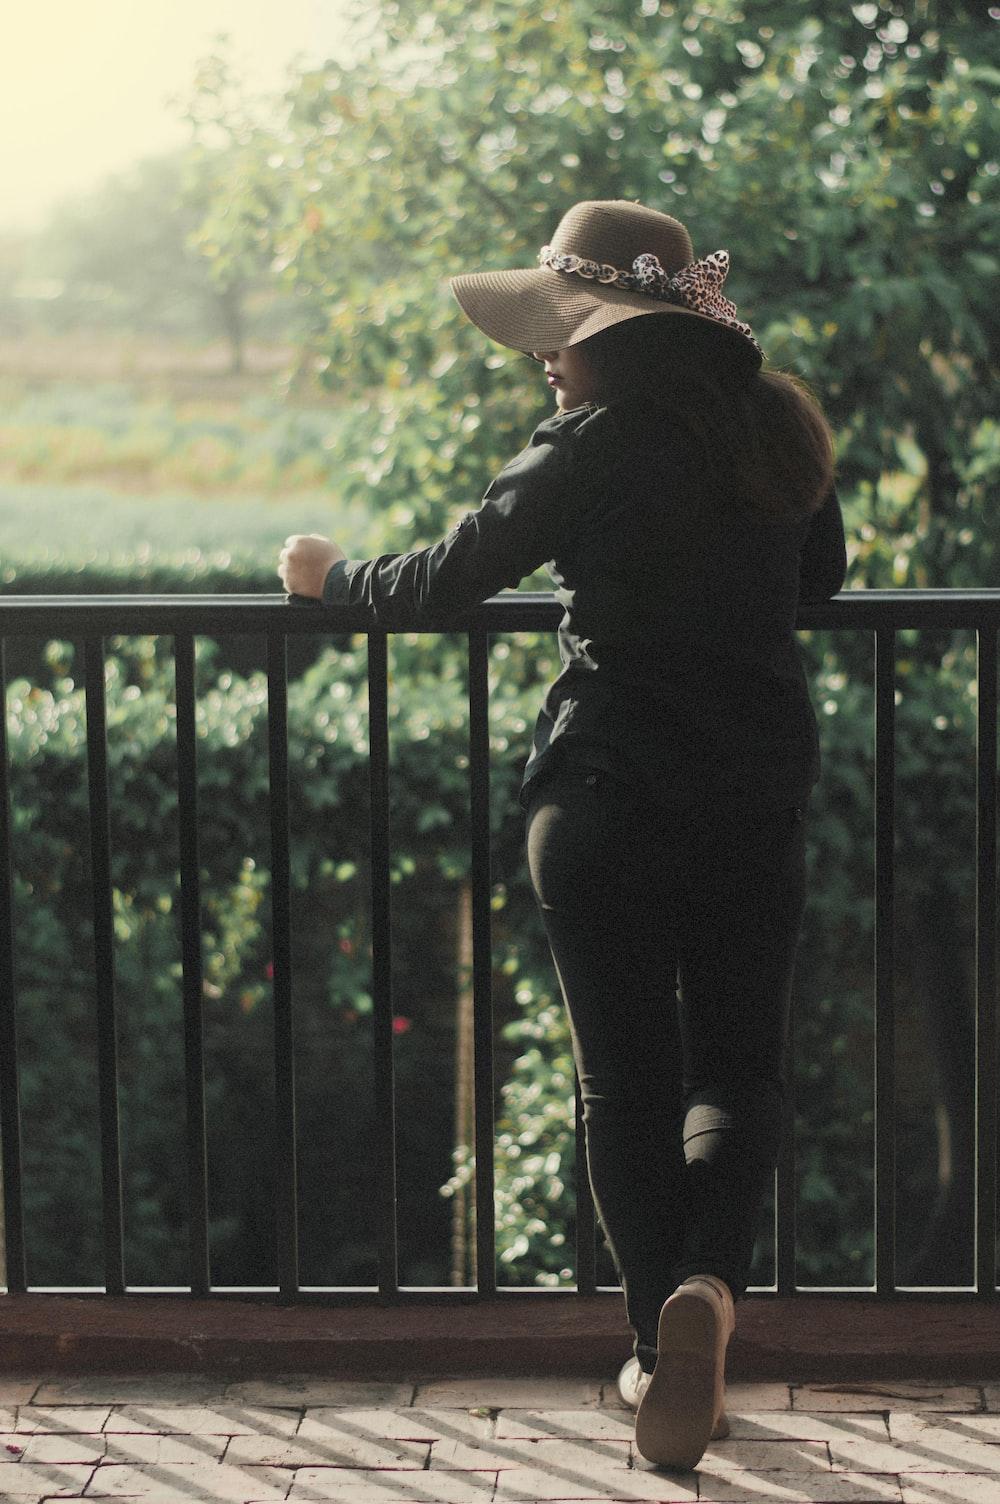 woman in black jacket and black pants wearing brown hat standing beside black metal fence during